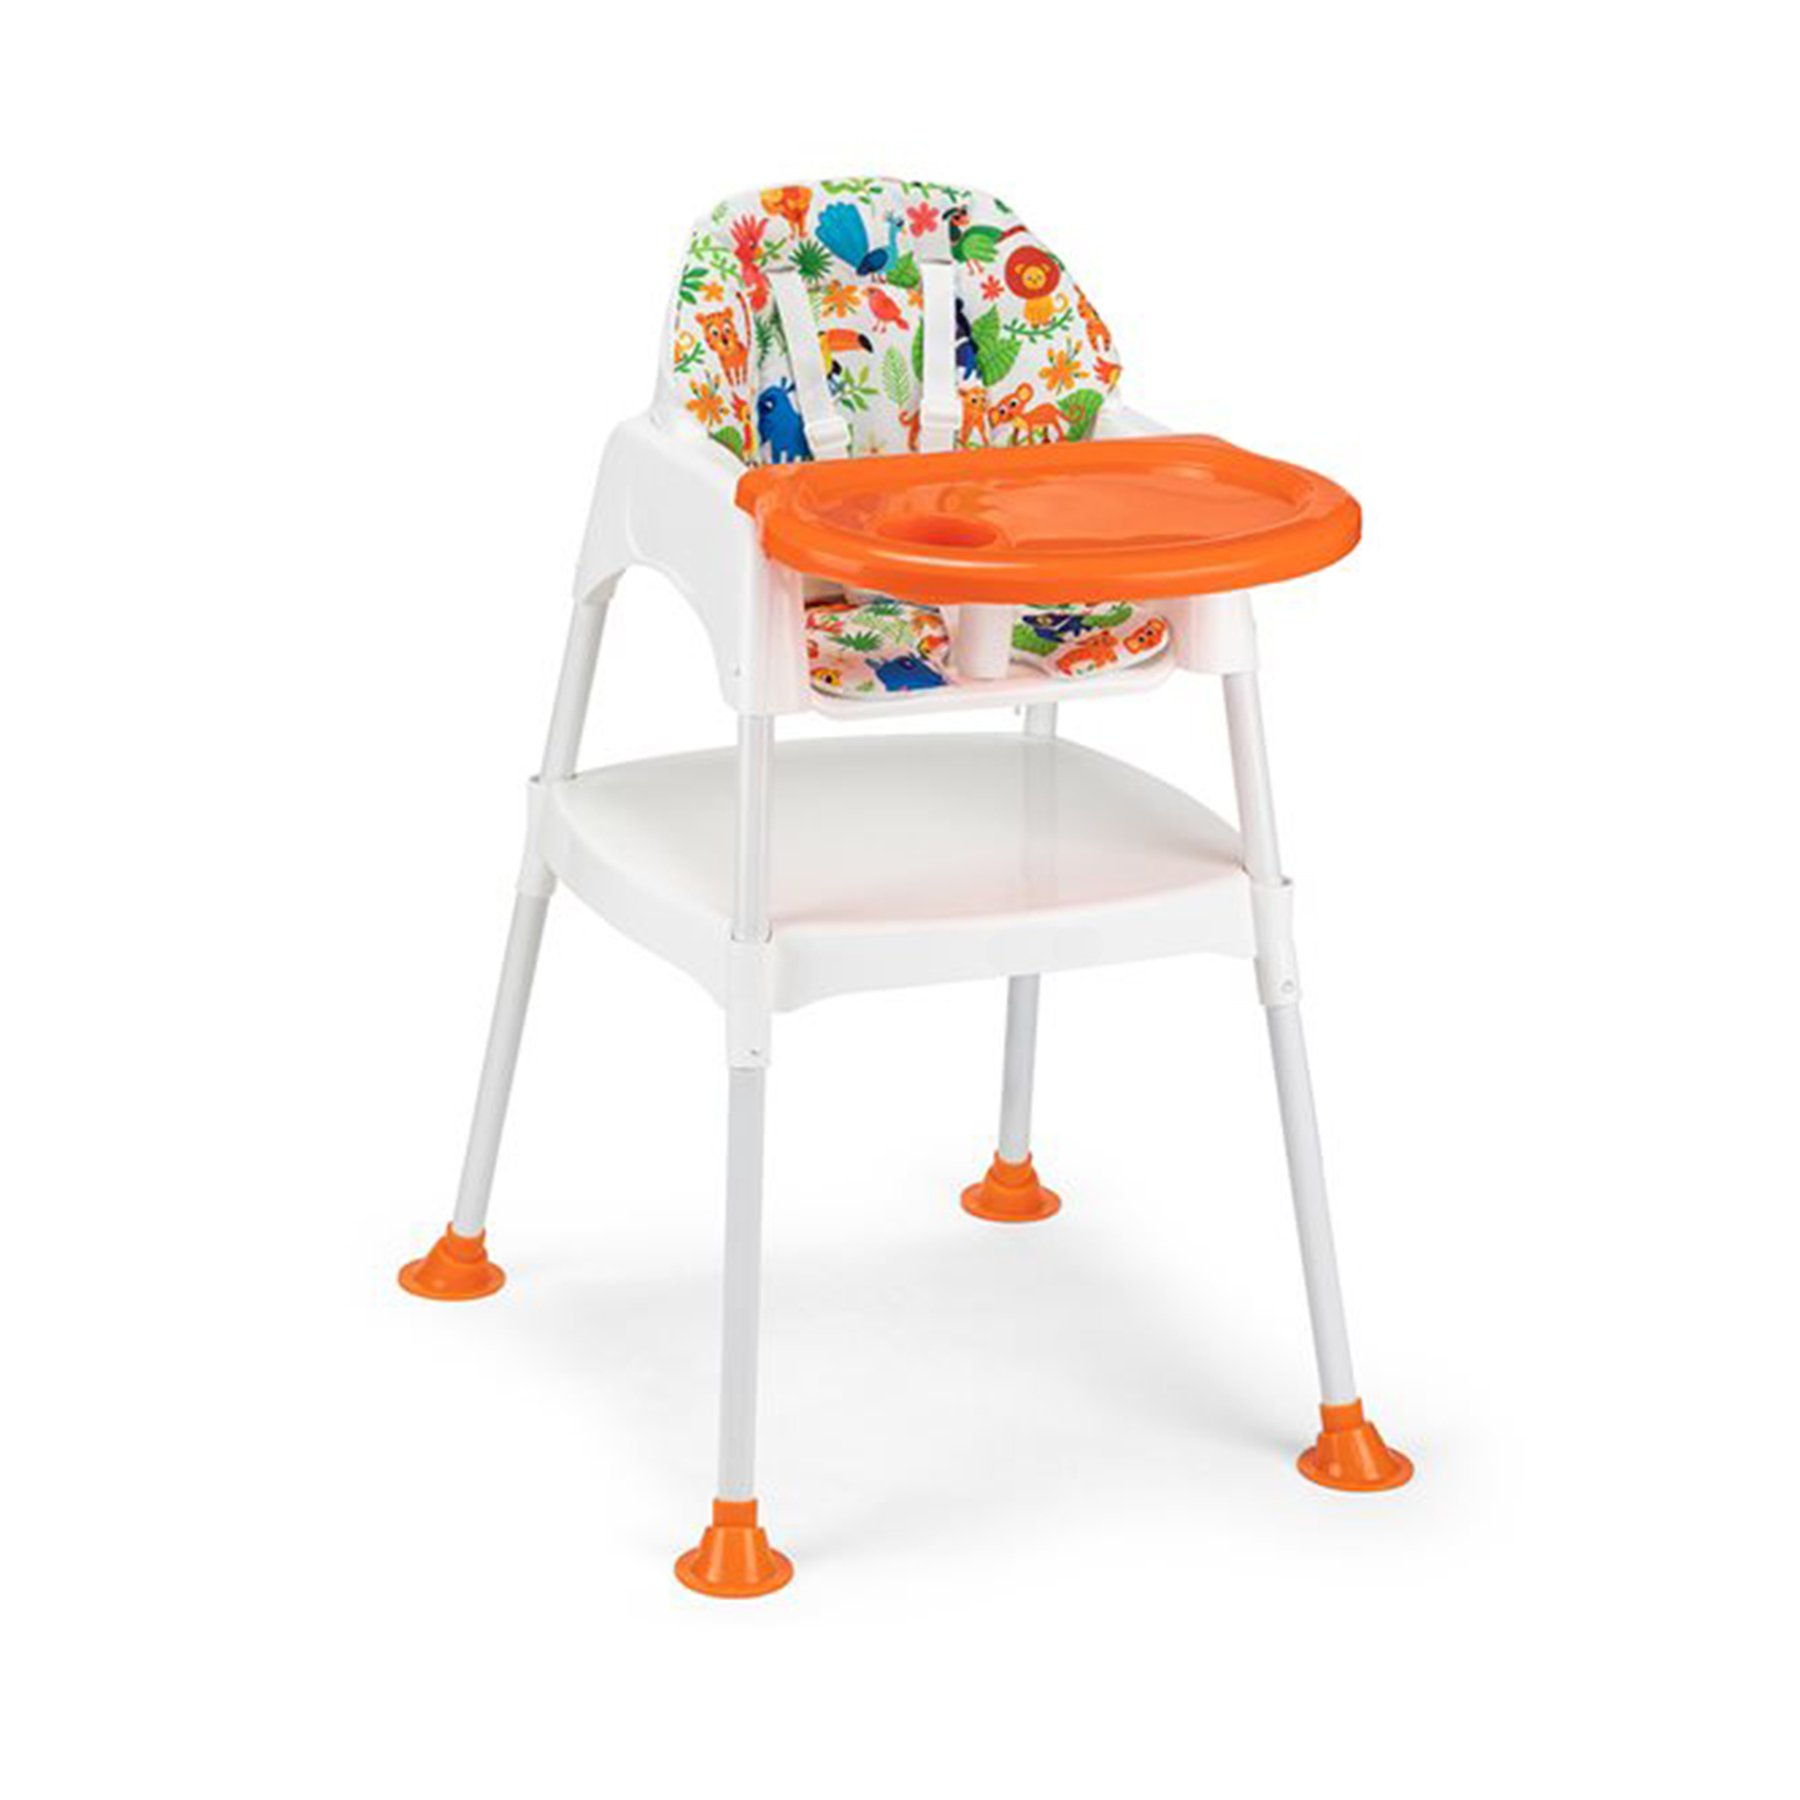 Orange High Chair